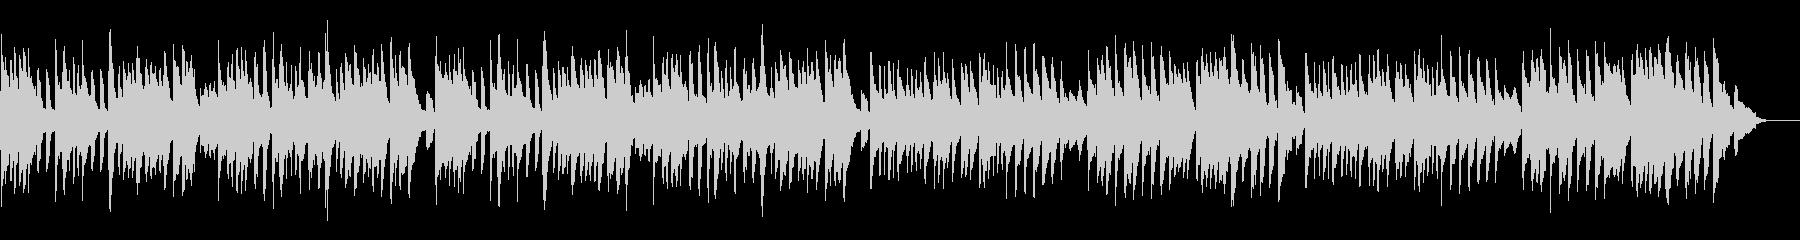 バッハのメヌエットを原曲チェンバロでの未再生の波形